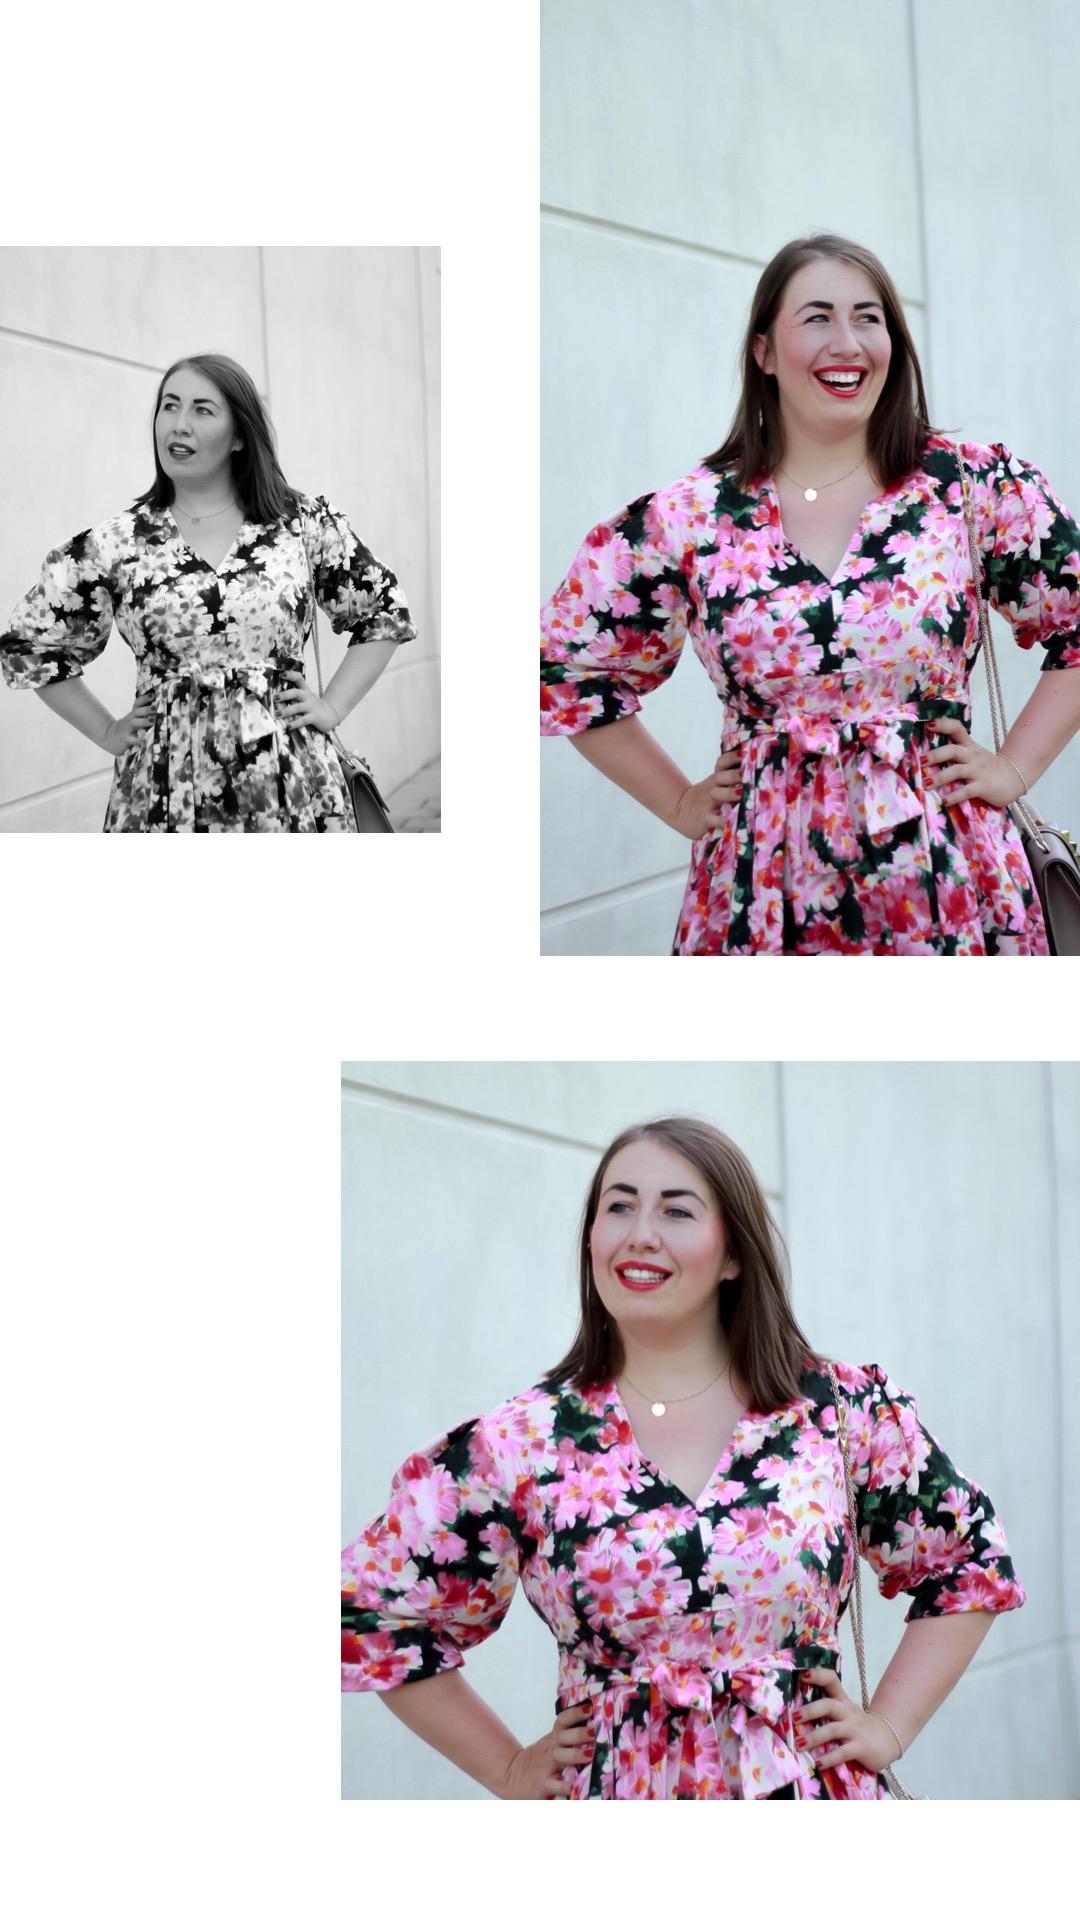 Sommerhochzeit-Hochzeitsgast-Outfit-kombinieren-MIss-Suzie-Loves-Susanne-Heidebach-Blumenkleid-Zara-Valentino-Glam-Lock-Bag.jpg